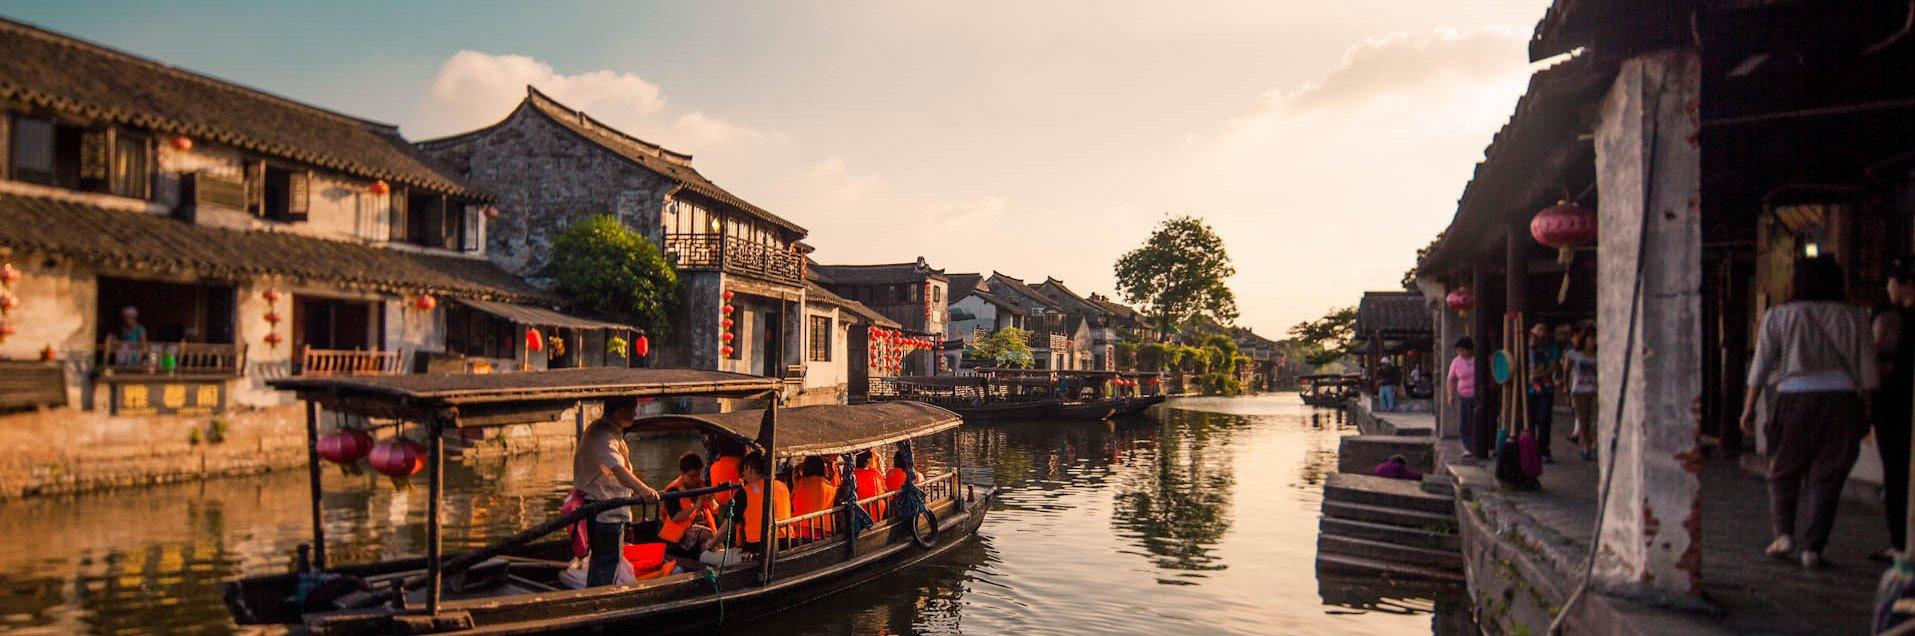 嘉兴、西塘、乌镇、杭州、宁波、余姚十日游